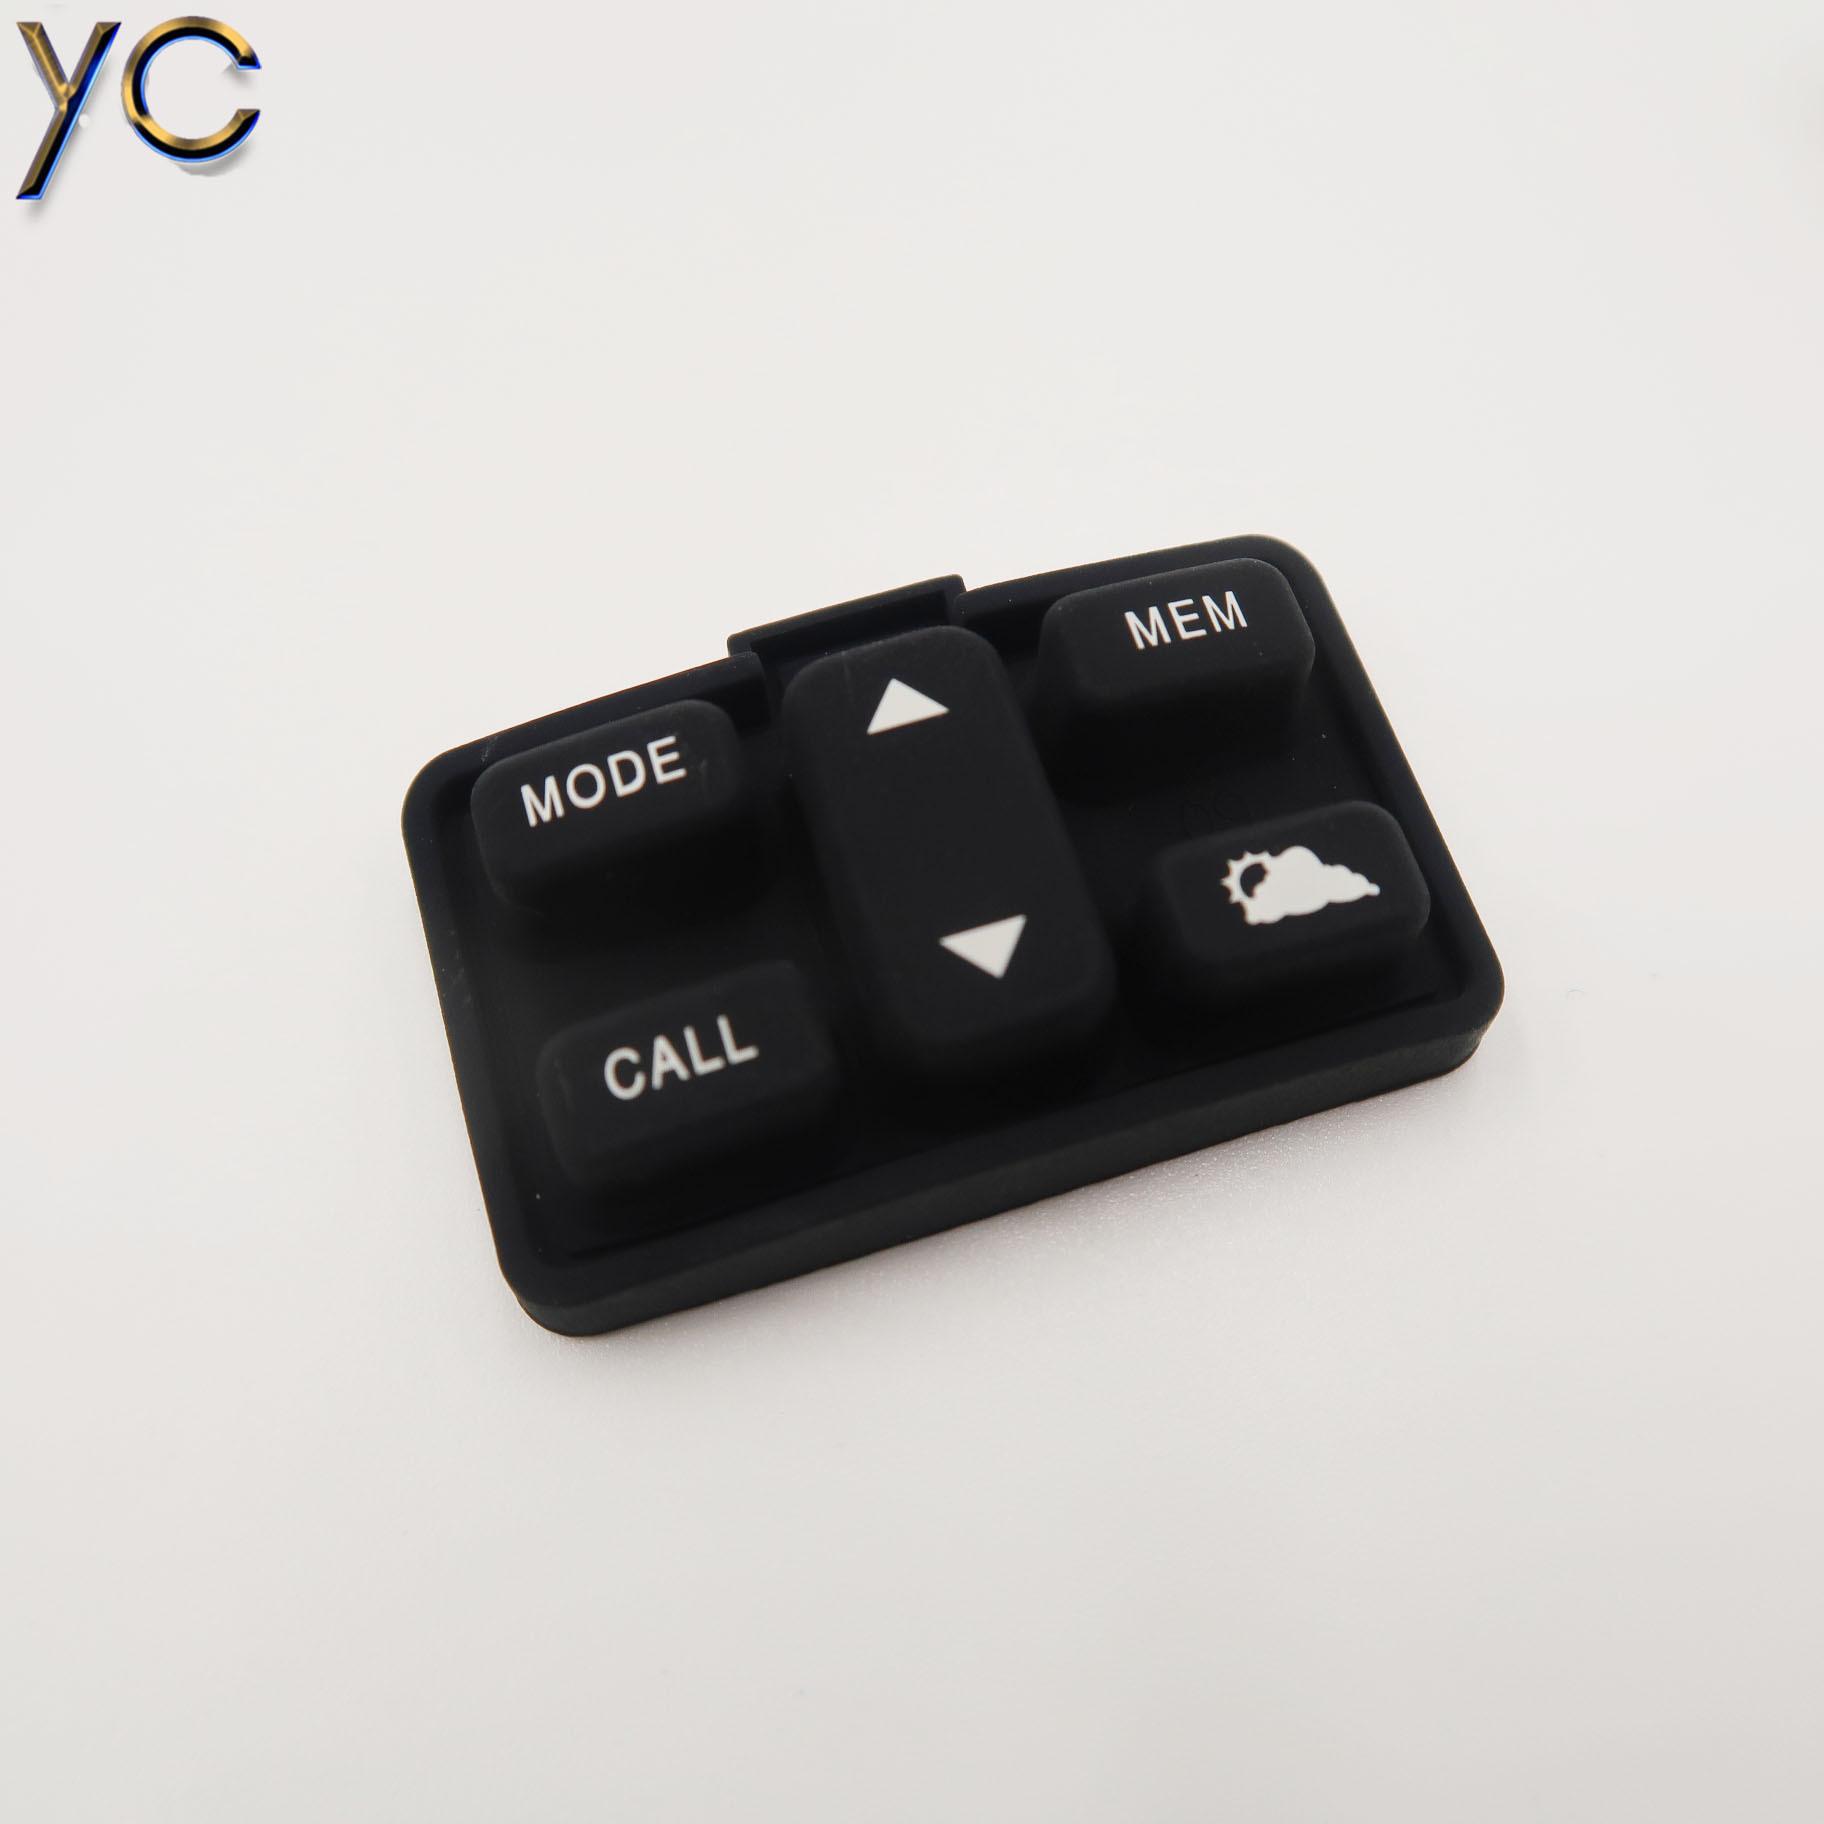 深圳优质厂家 玩具电器仪器开光硅胶按键 定做耐磨防腐遥控器按键